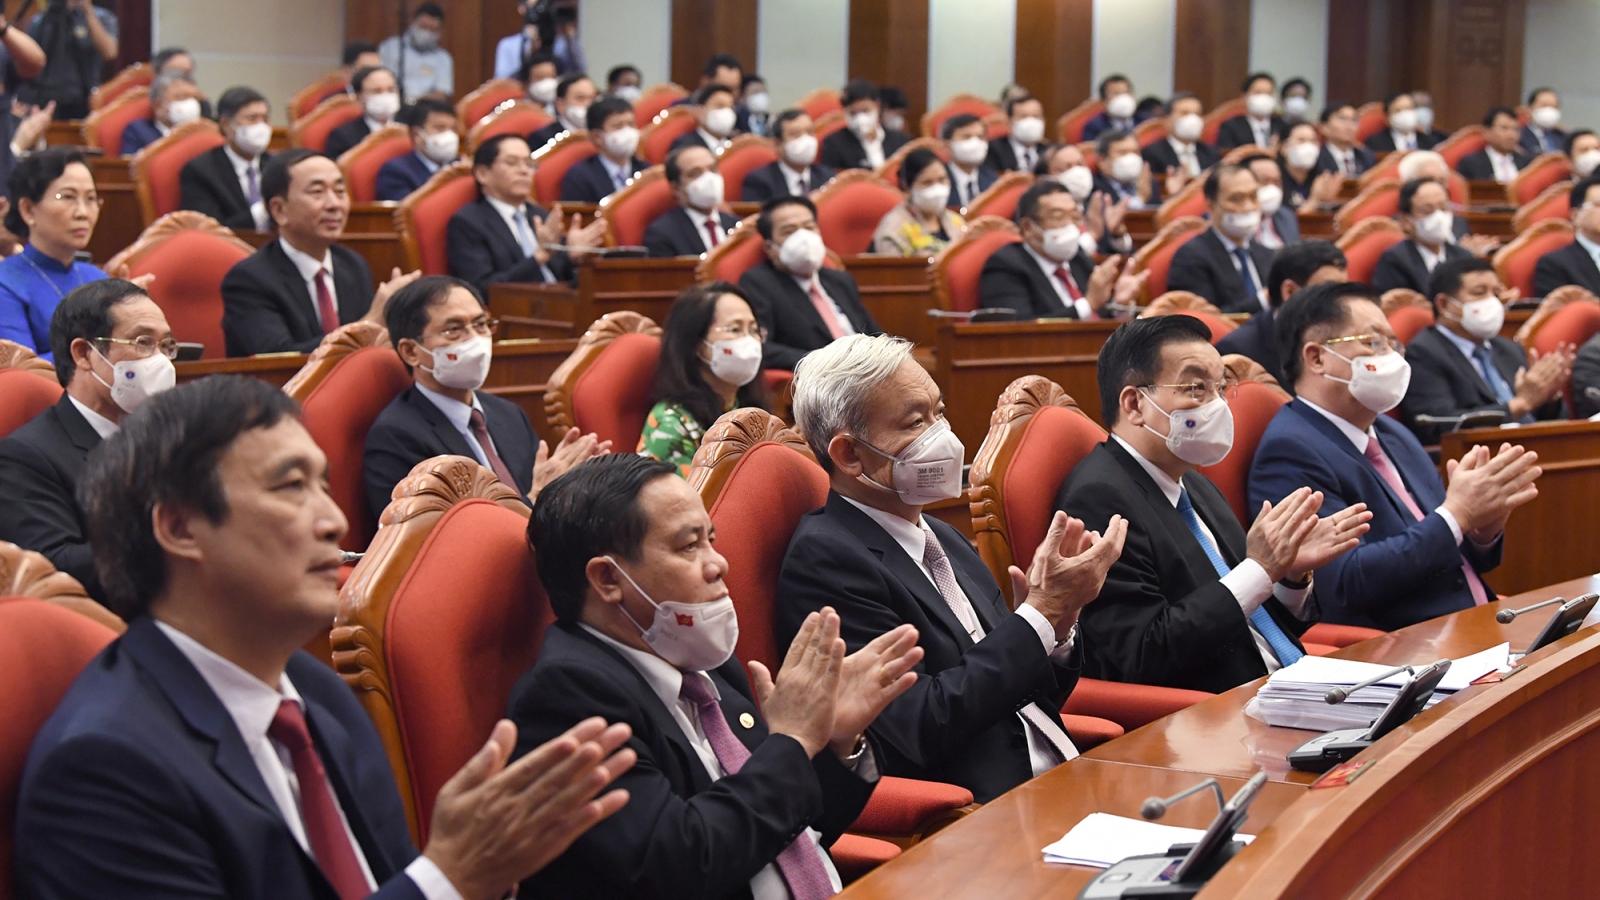 Trung ương nhất trí giới thiệu bổ sung 23 nhân sự cấp cao trình Quốc hội